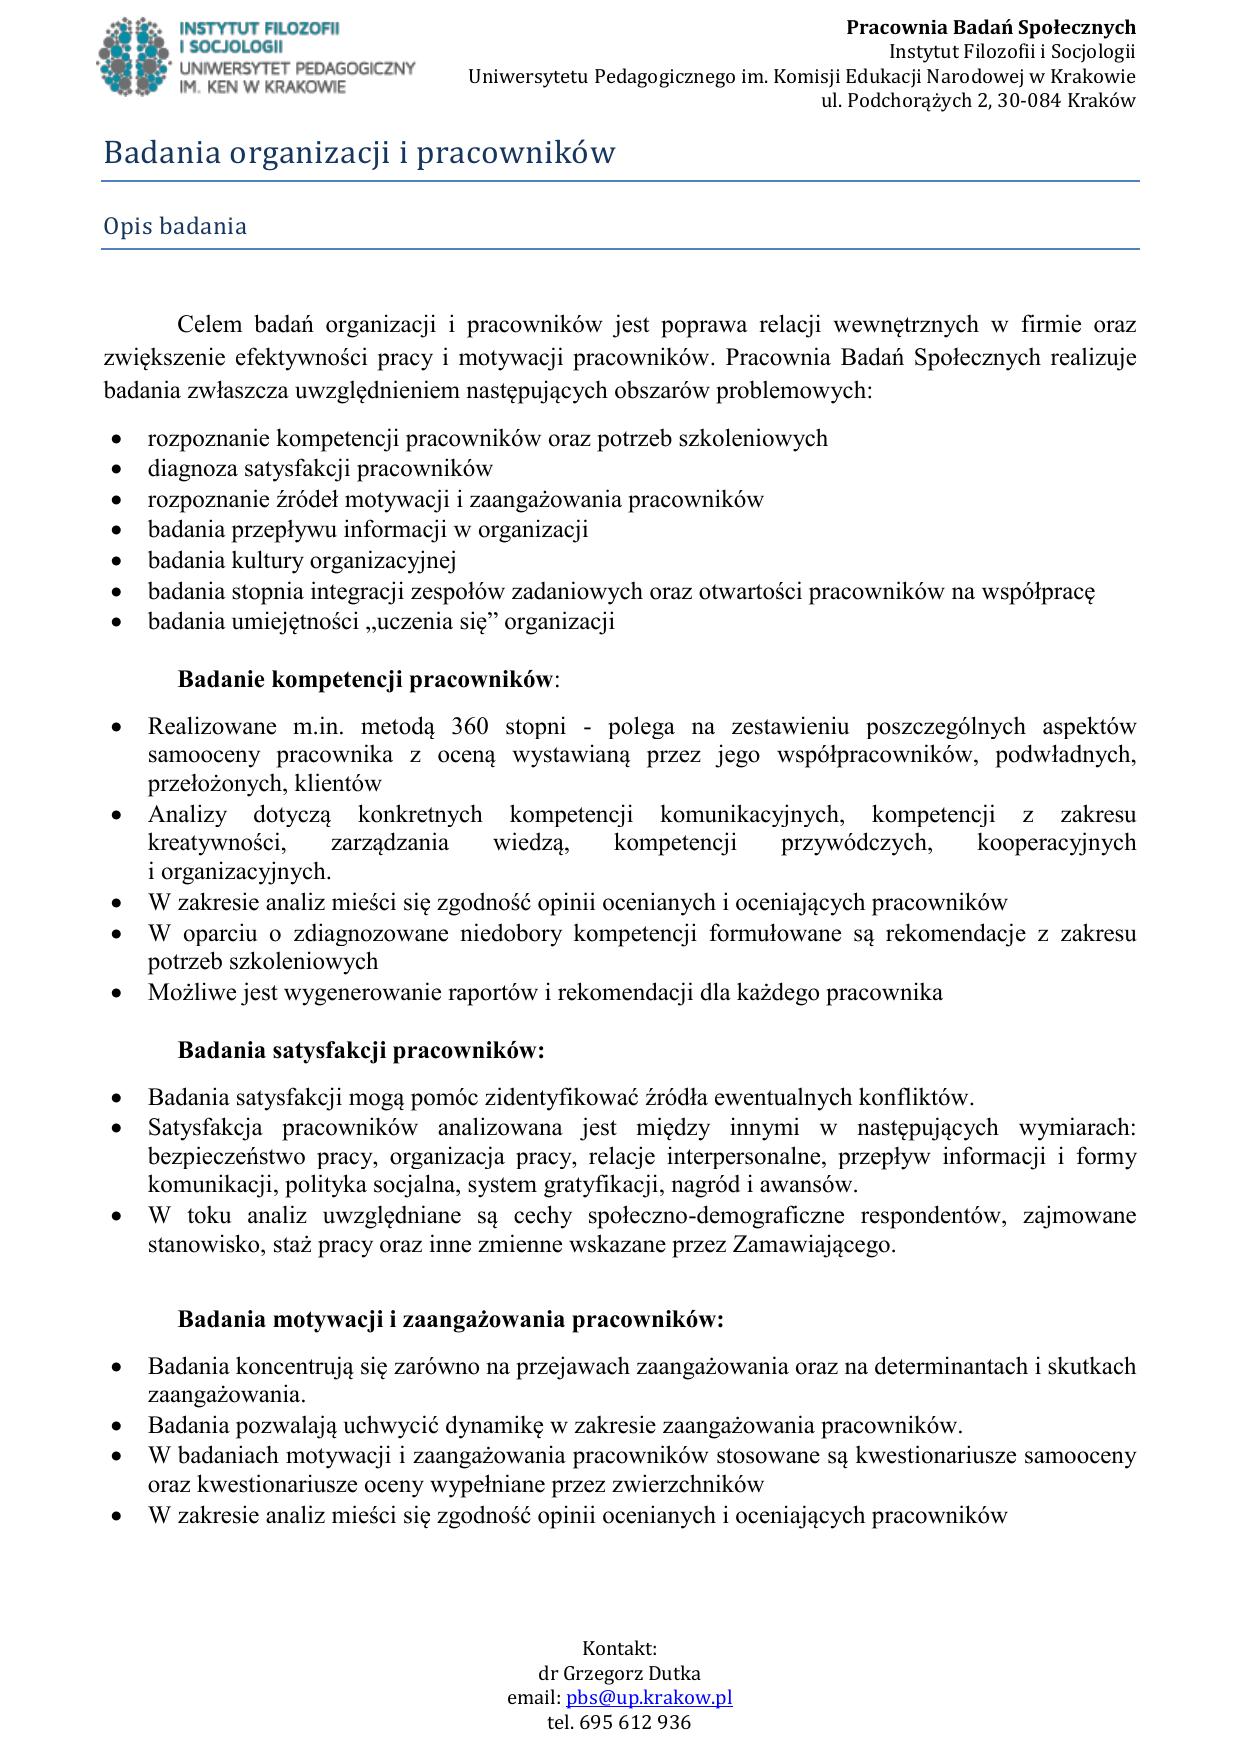 Badania Organizacji I Pracowniko W